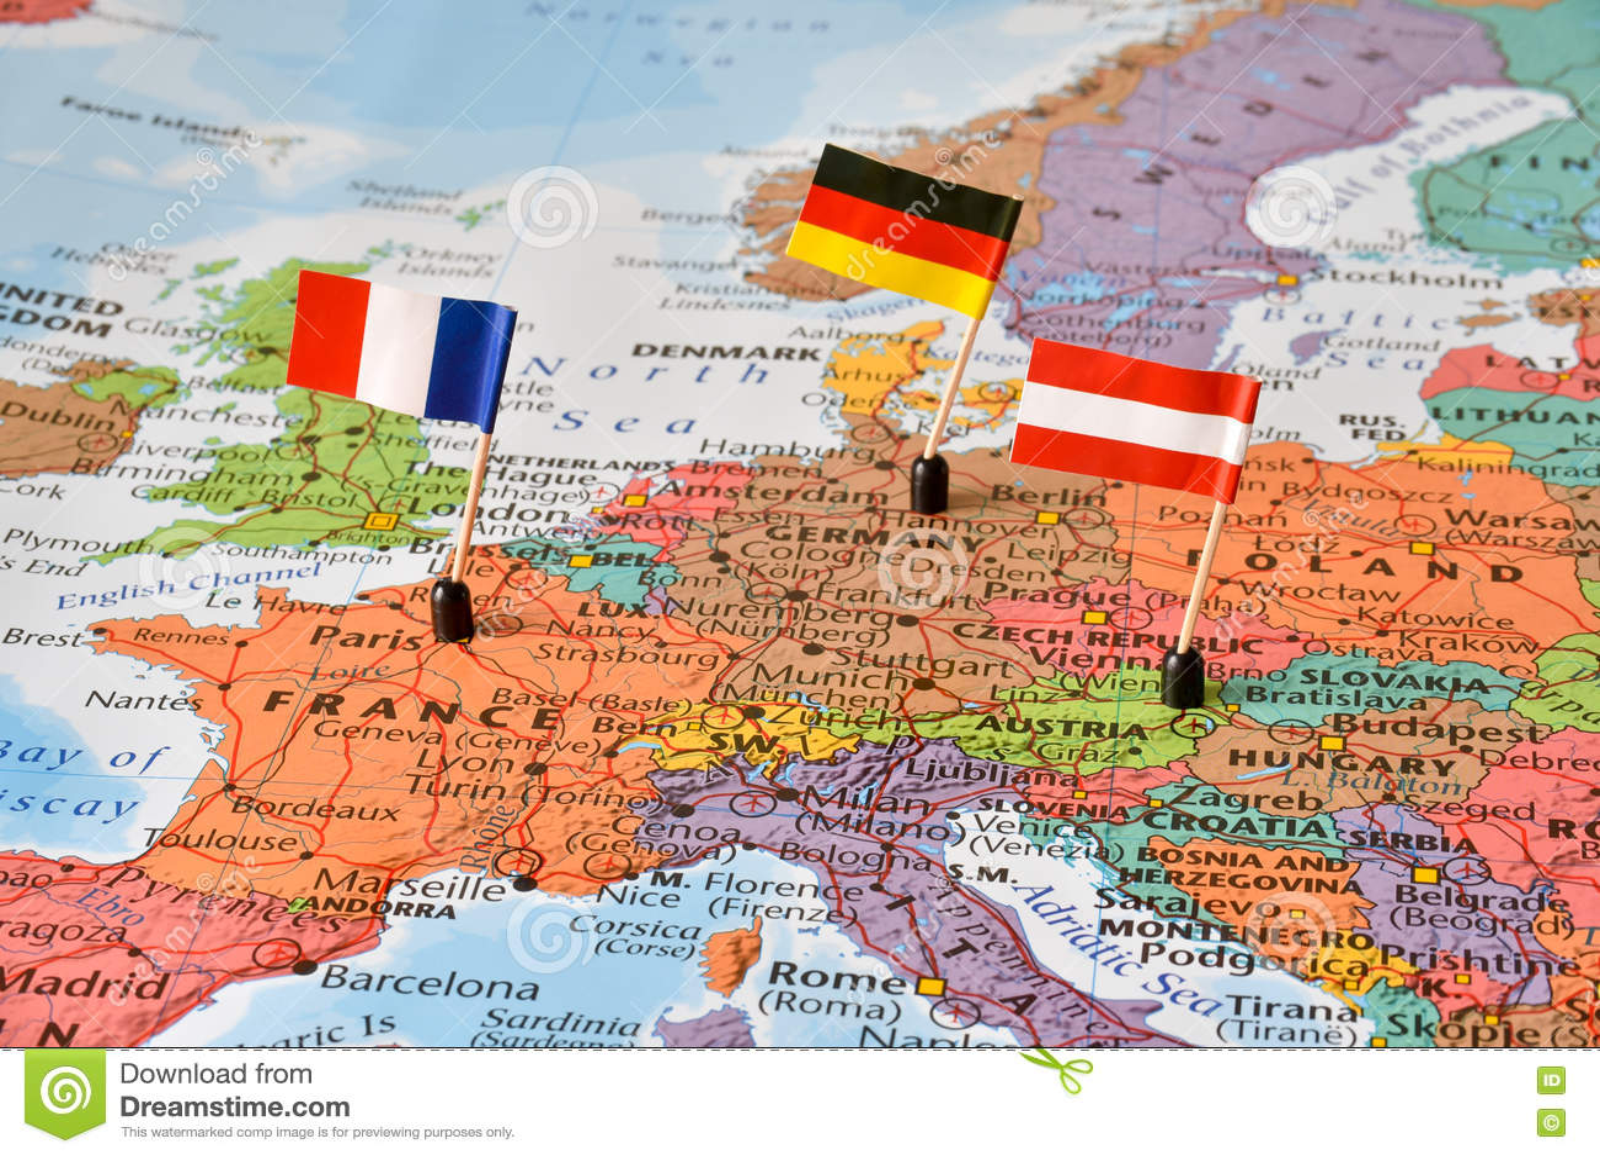 Kaart Van De Landen Duitsland Frankrijk Oostenrijk Van Westelijk